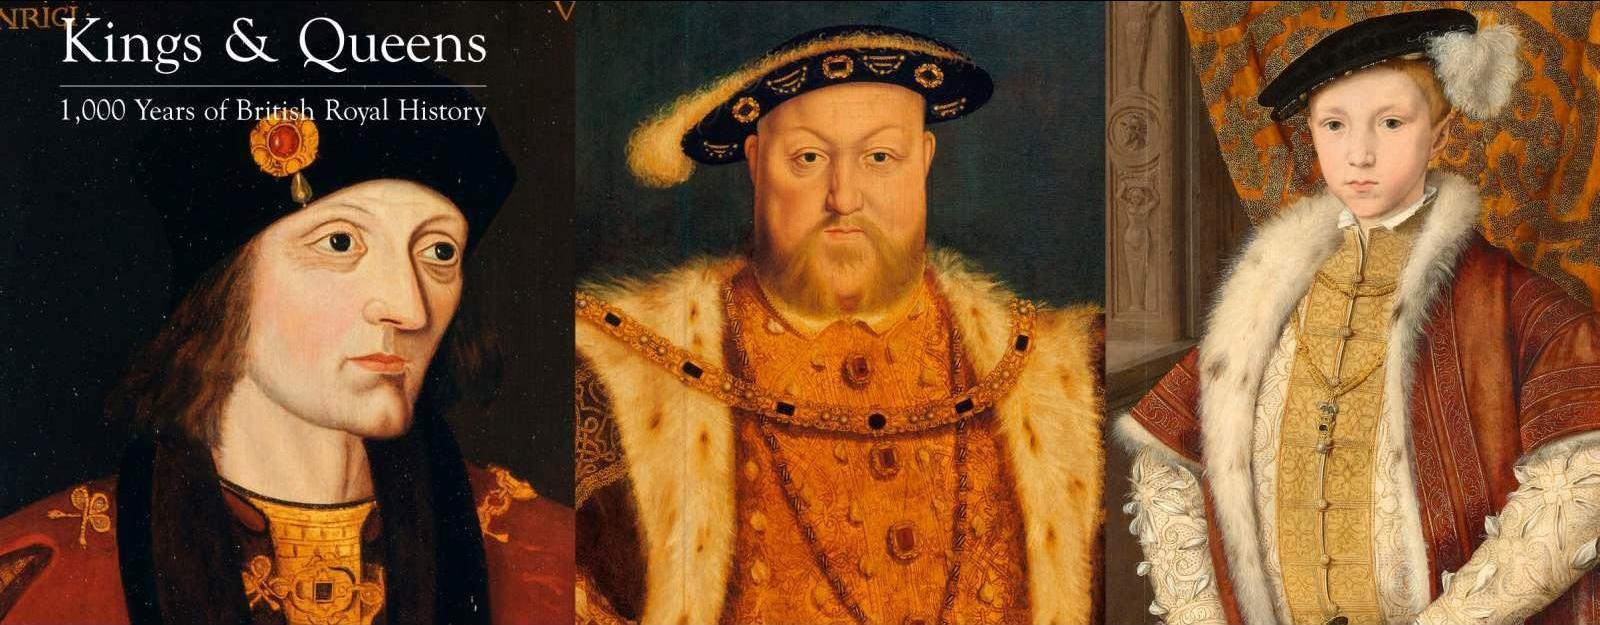 Portraits of Henvry VII, Henry VIII and Edward VI